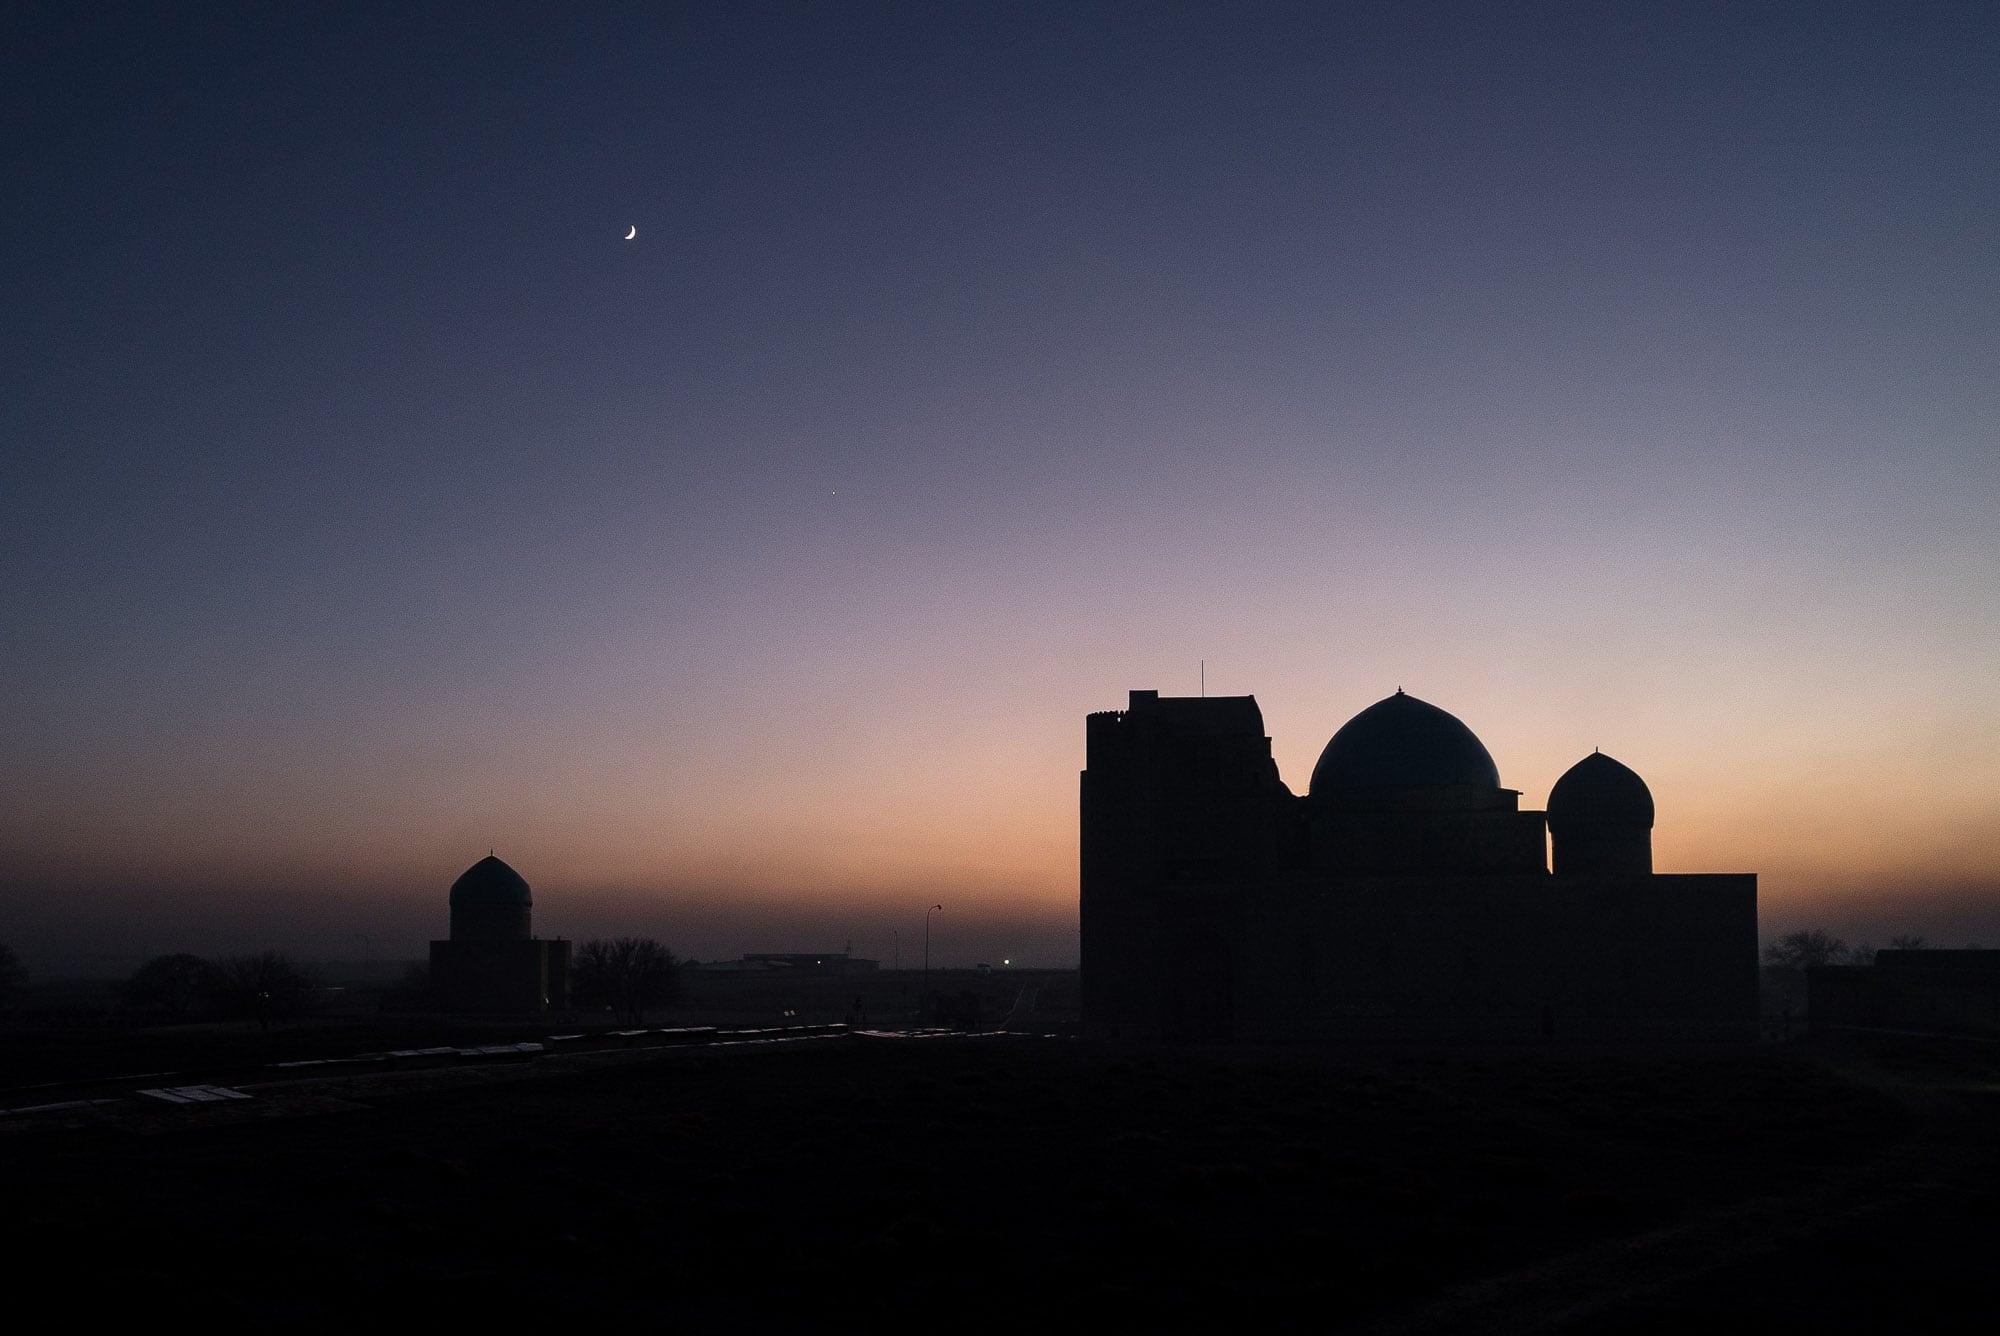 sunset and mausoleum